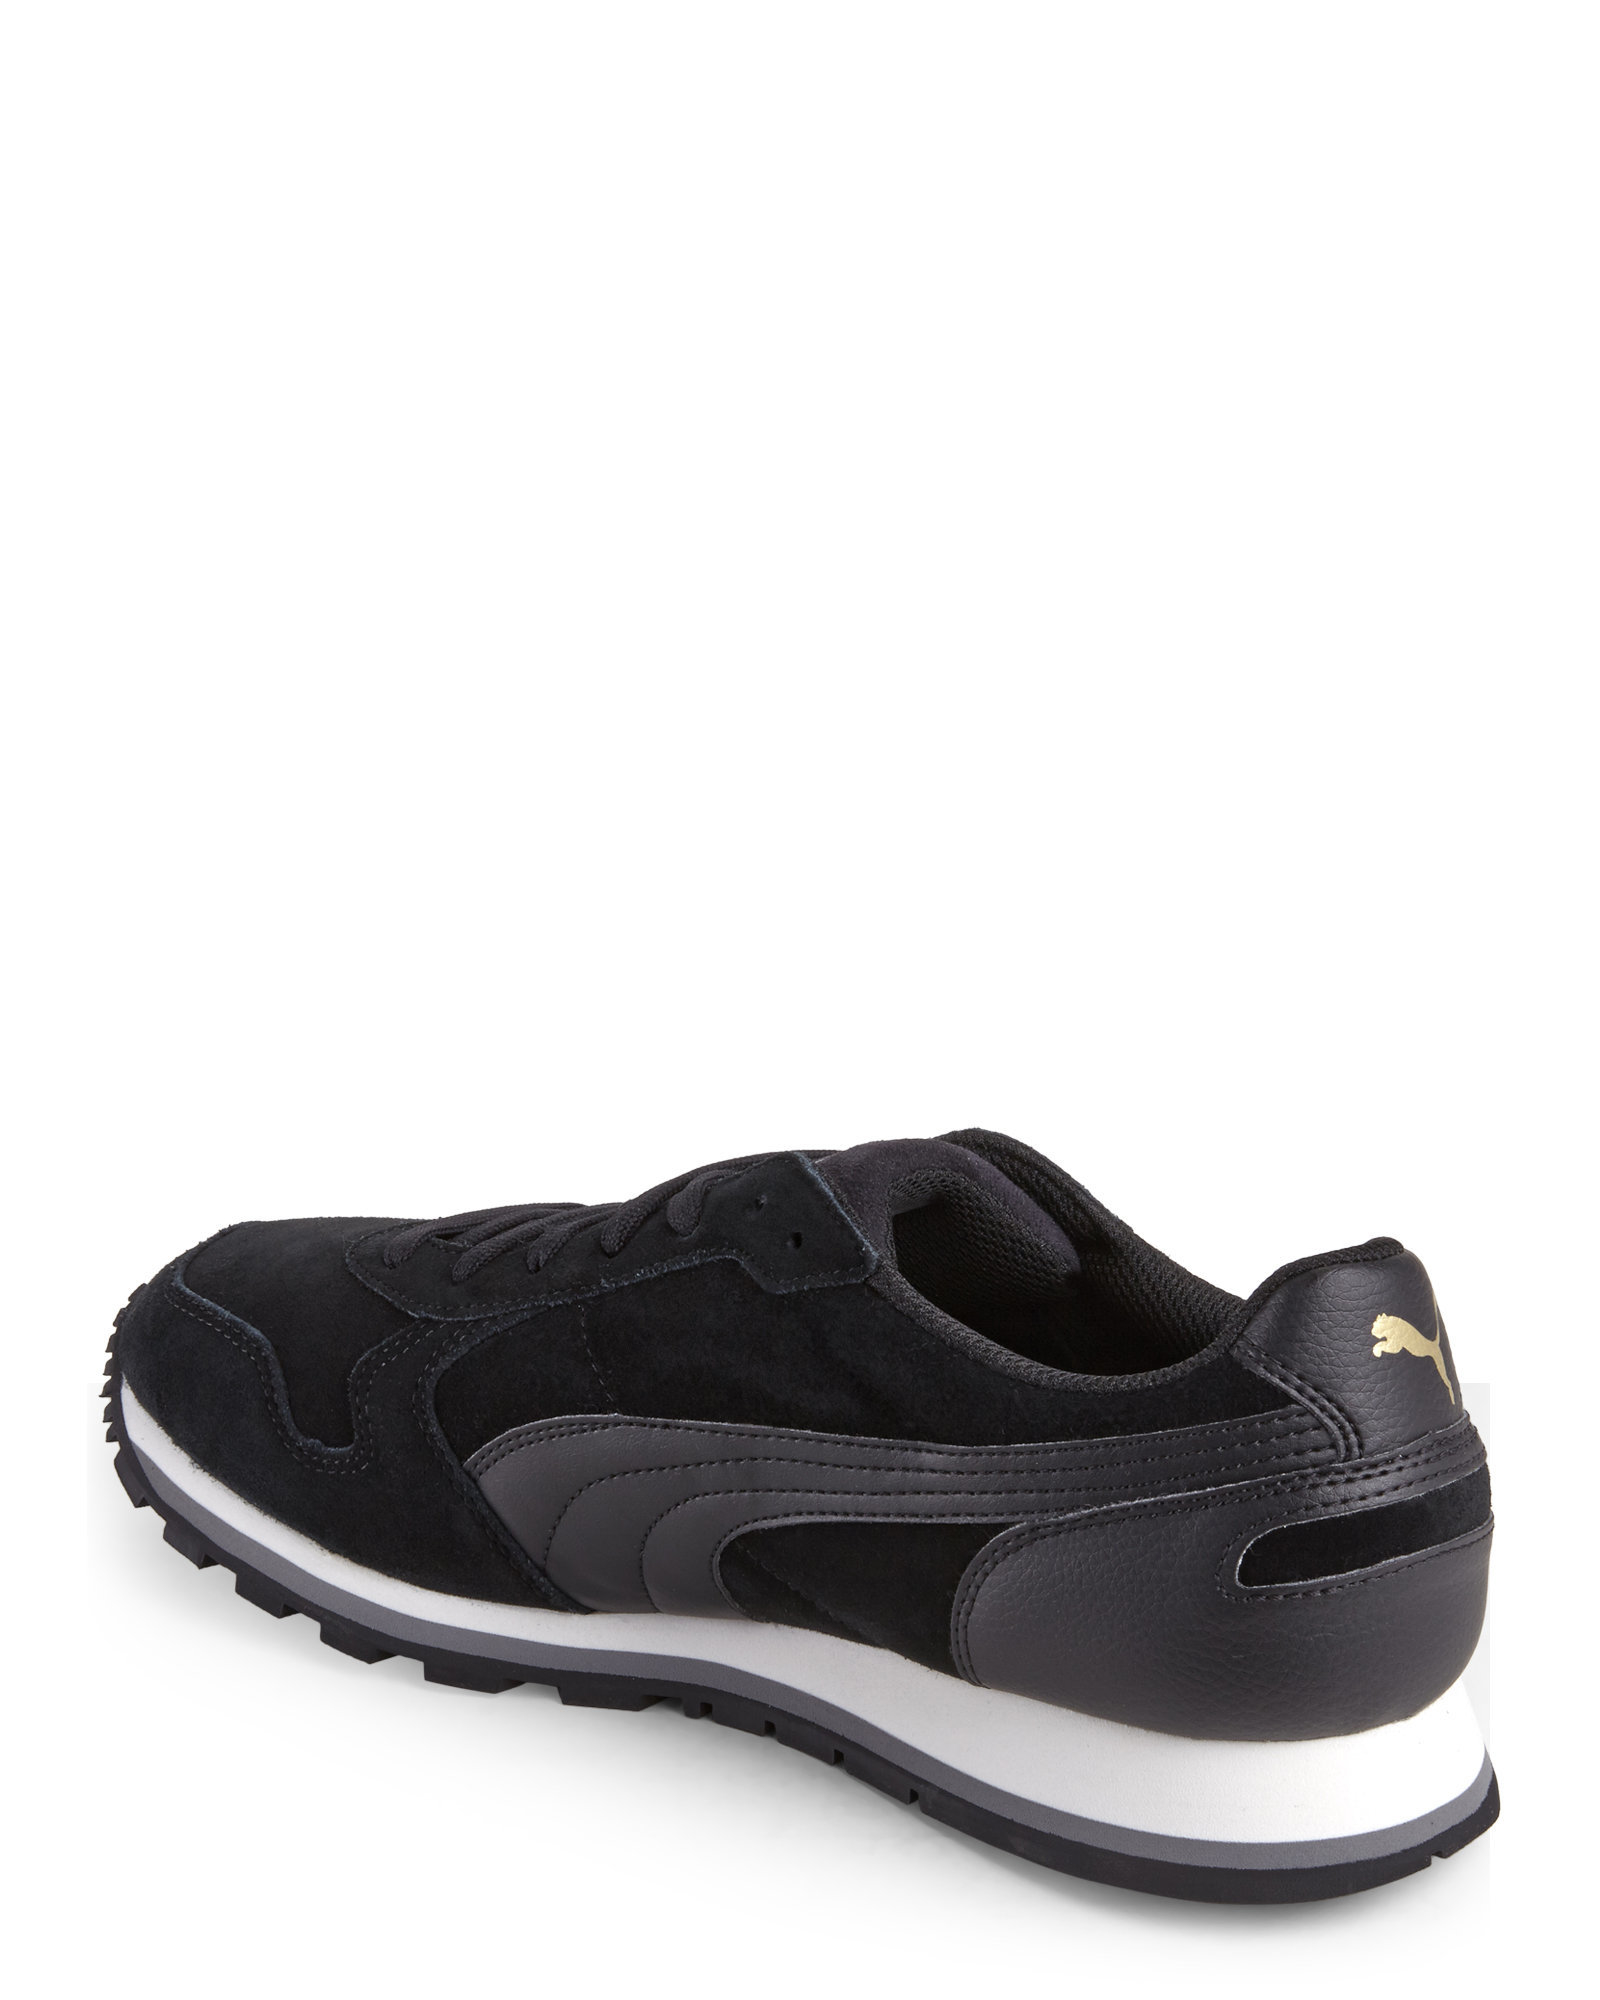 Puma Black Jogger Sneakers cheap cost FB0QxlGw